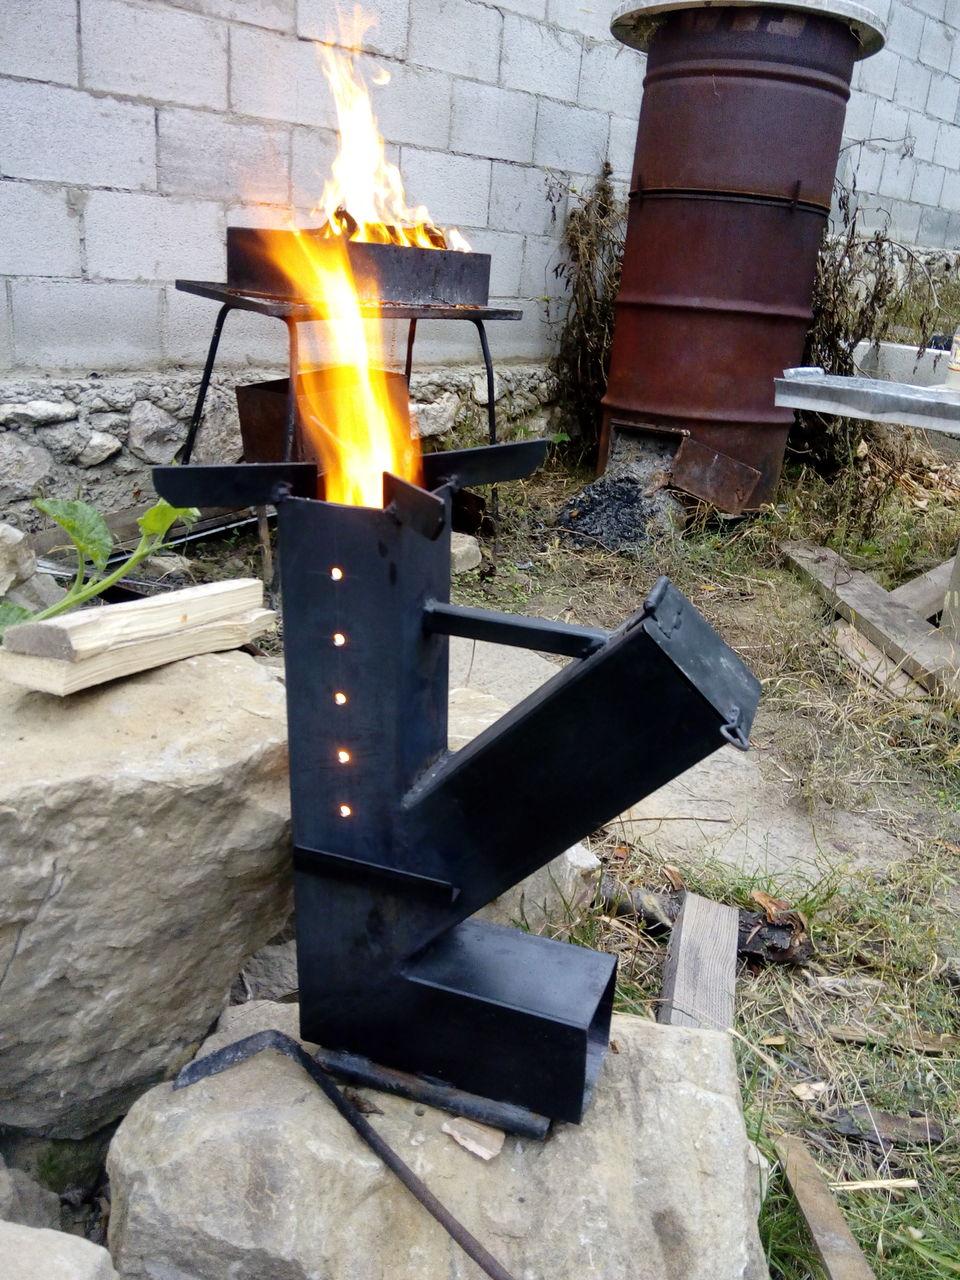 Реактивная тяга на страже уютного тепла: печь-ракета своими руками